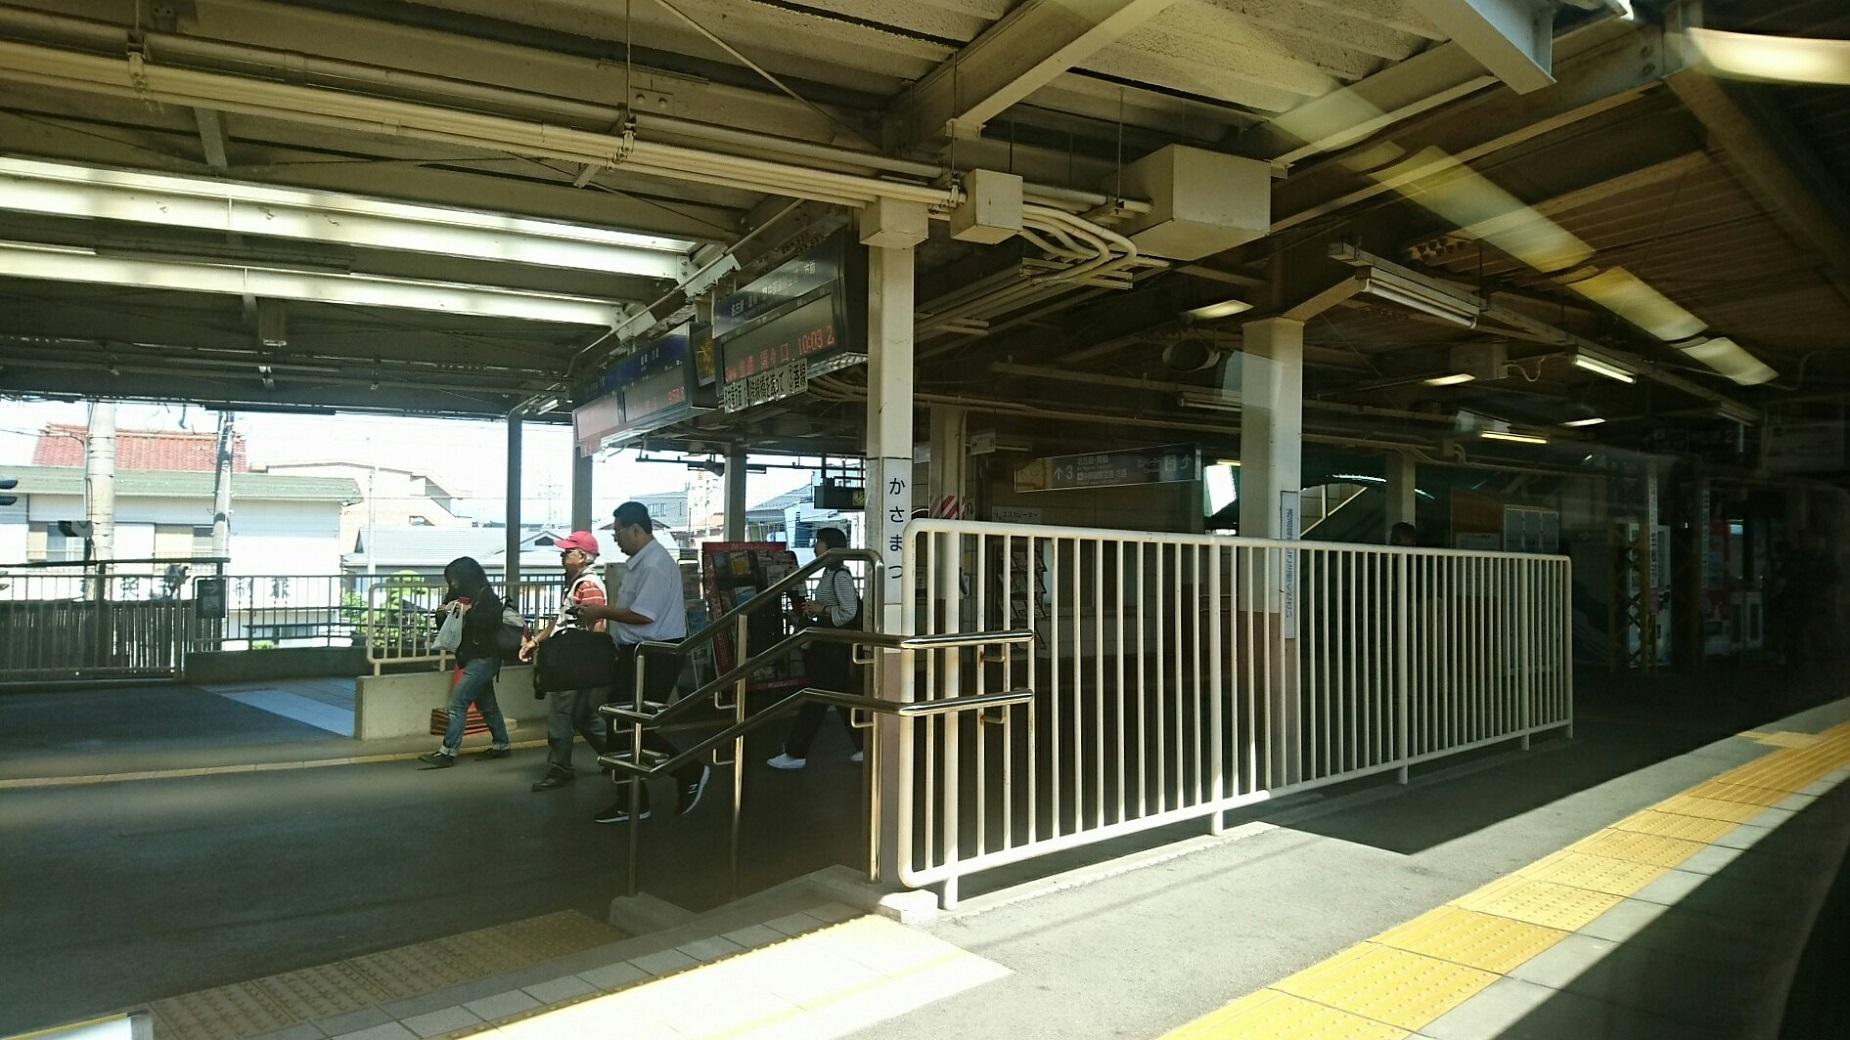 2018.6.1 岐阜 (13) 岐阜いき特急 - 笠松 1850-1040